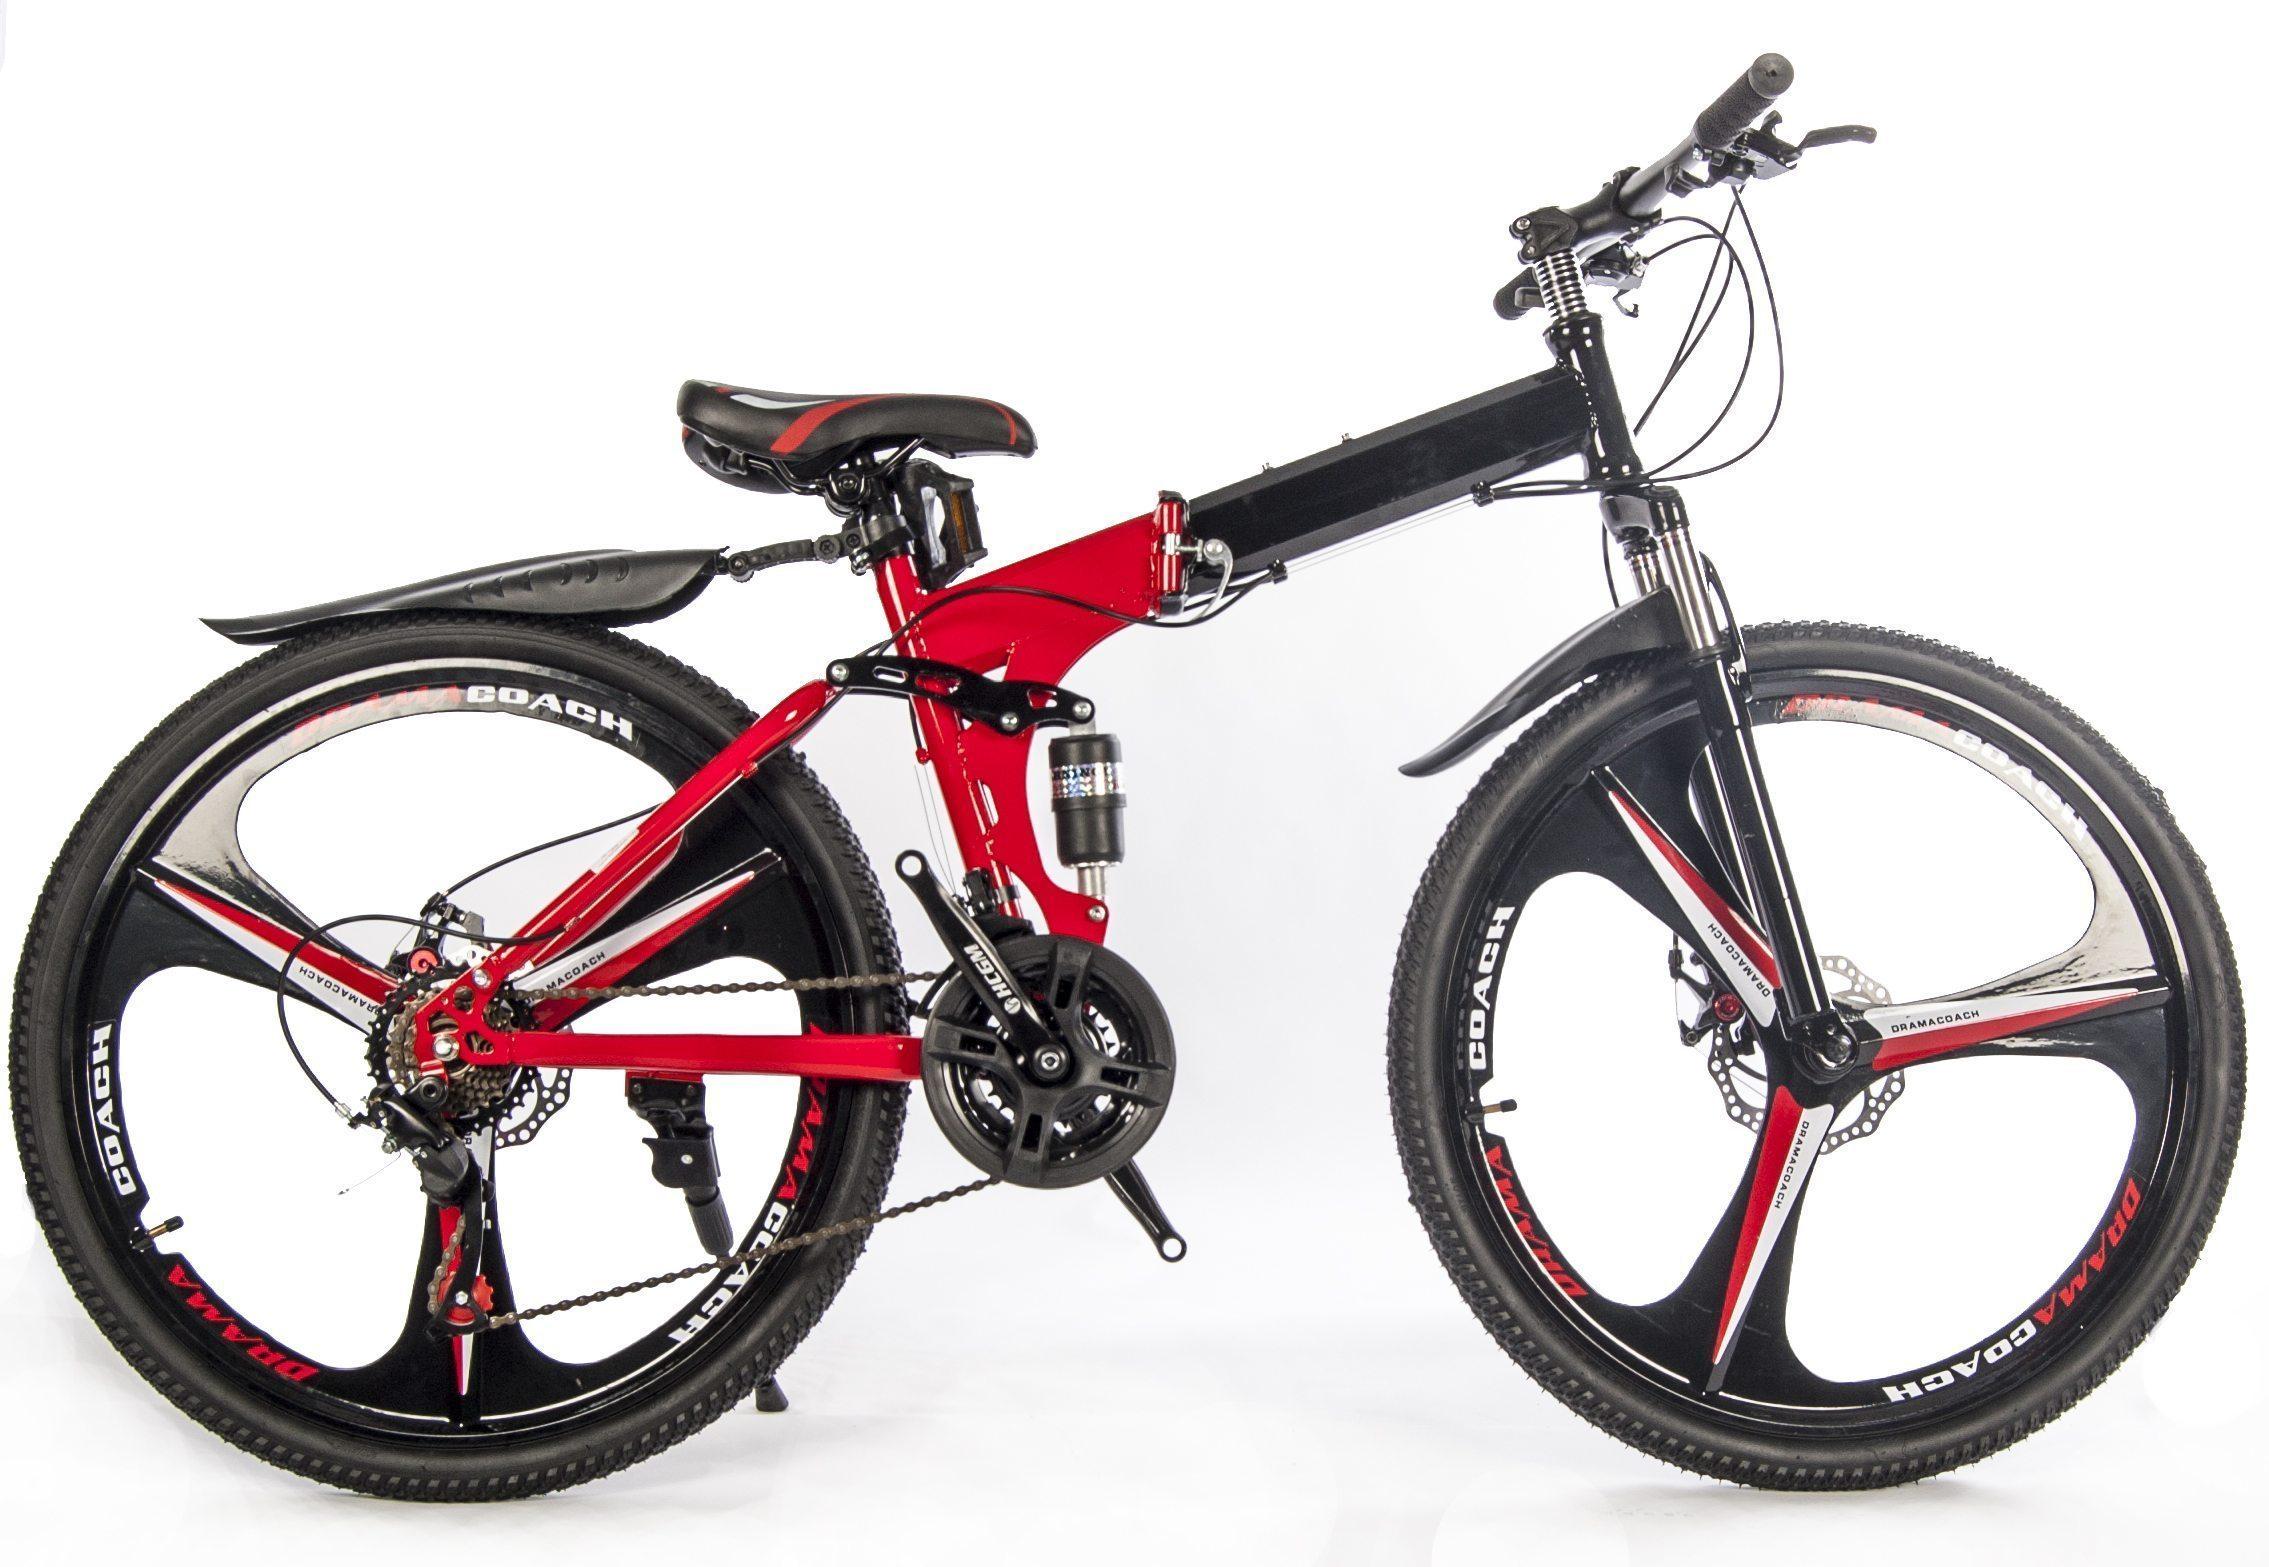 2003 T Горный велосипед на литых дисках